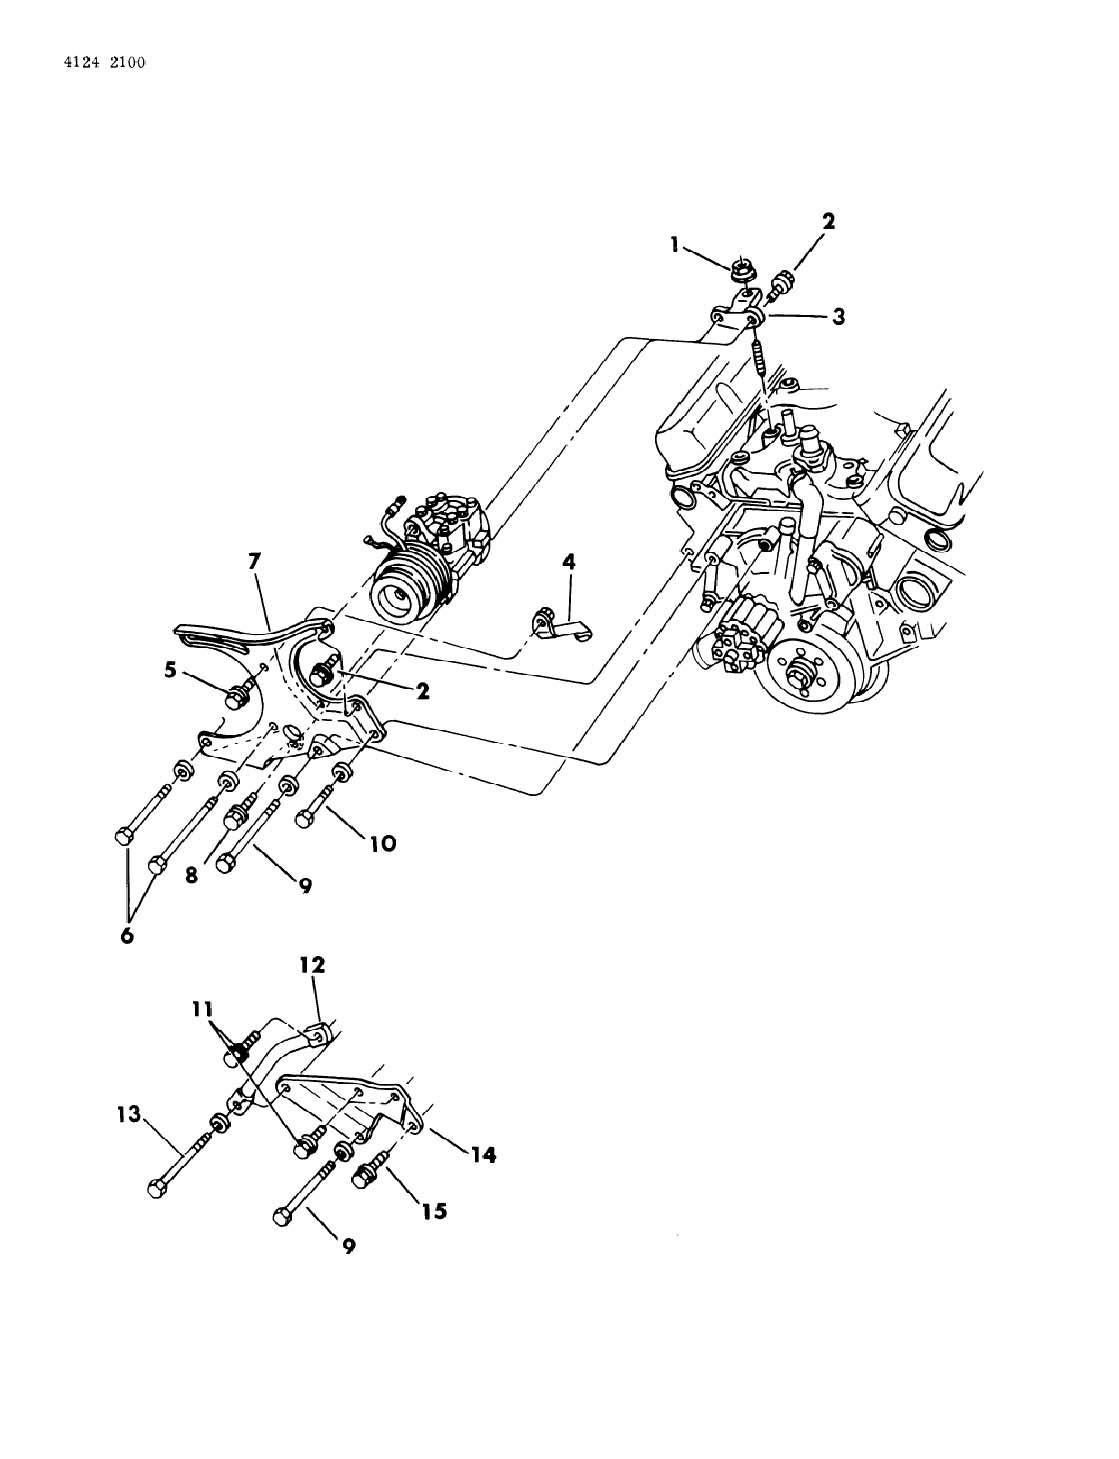 Mounting Air Compressor B F G 318 Engine